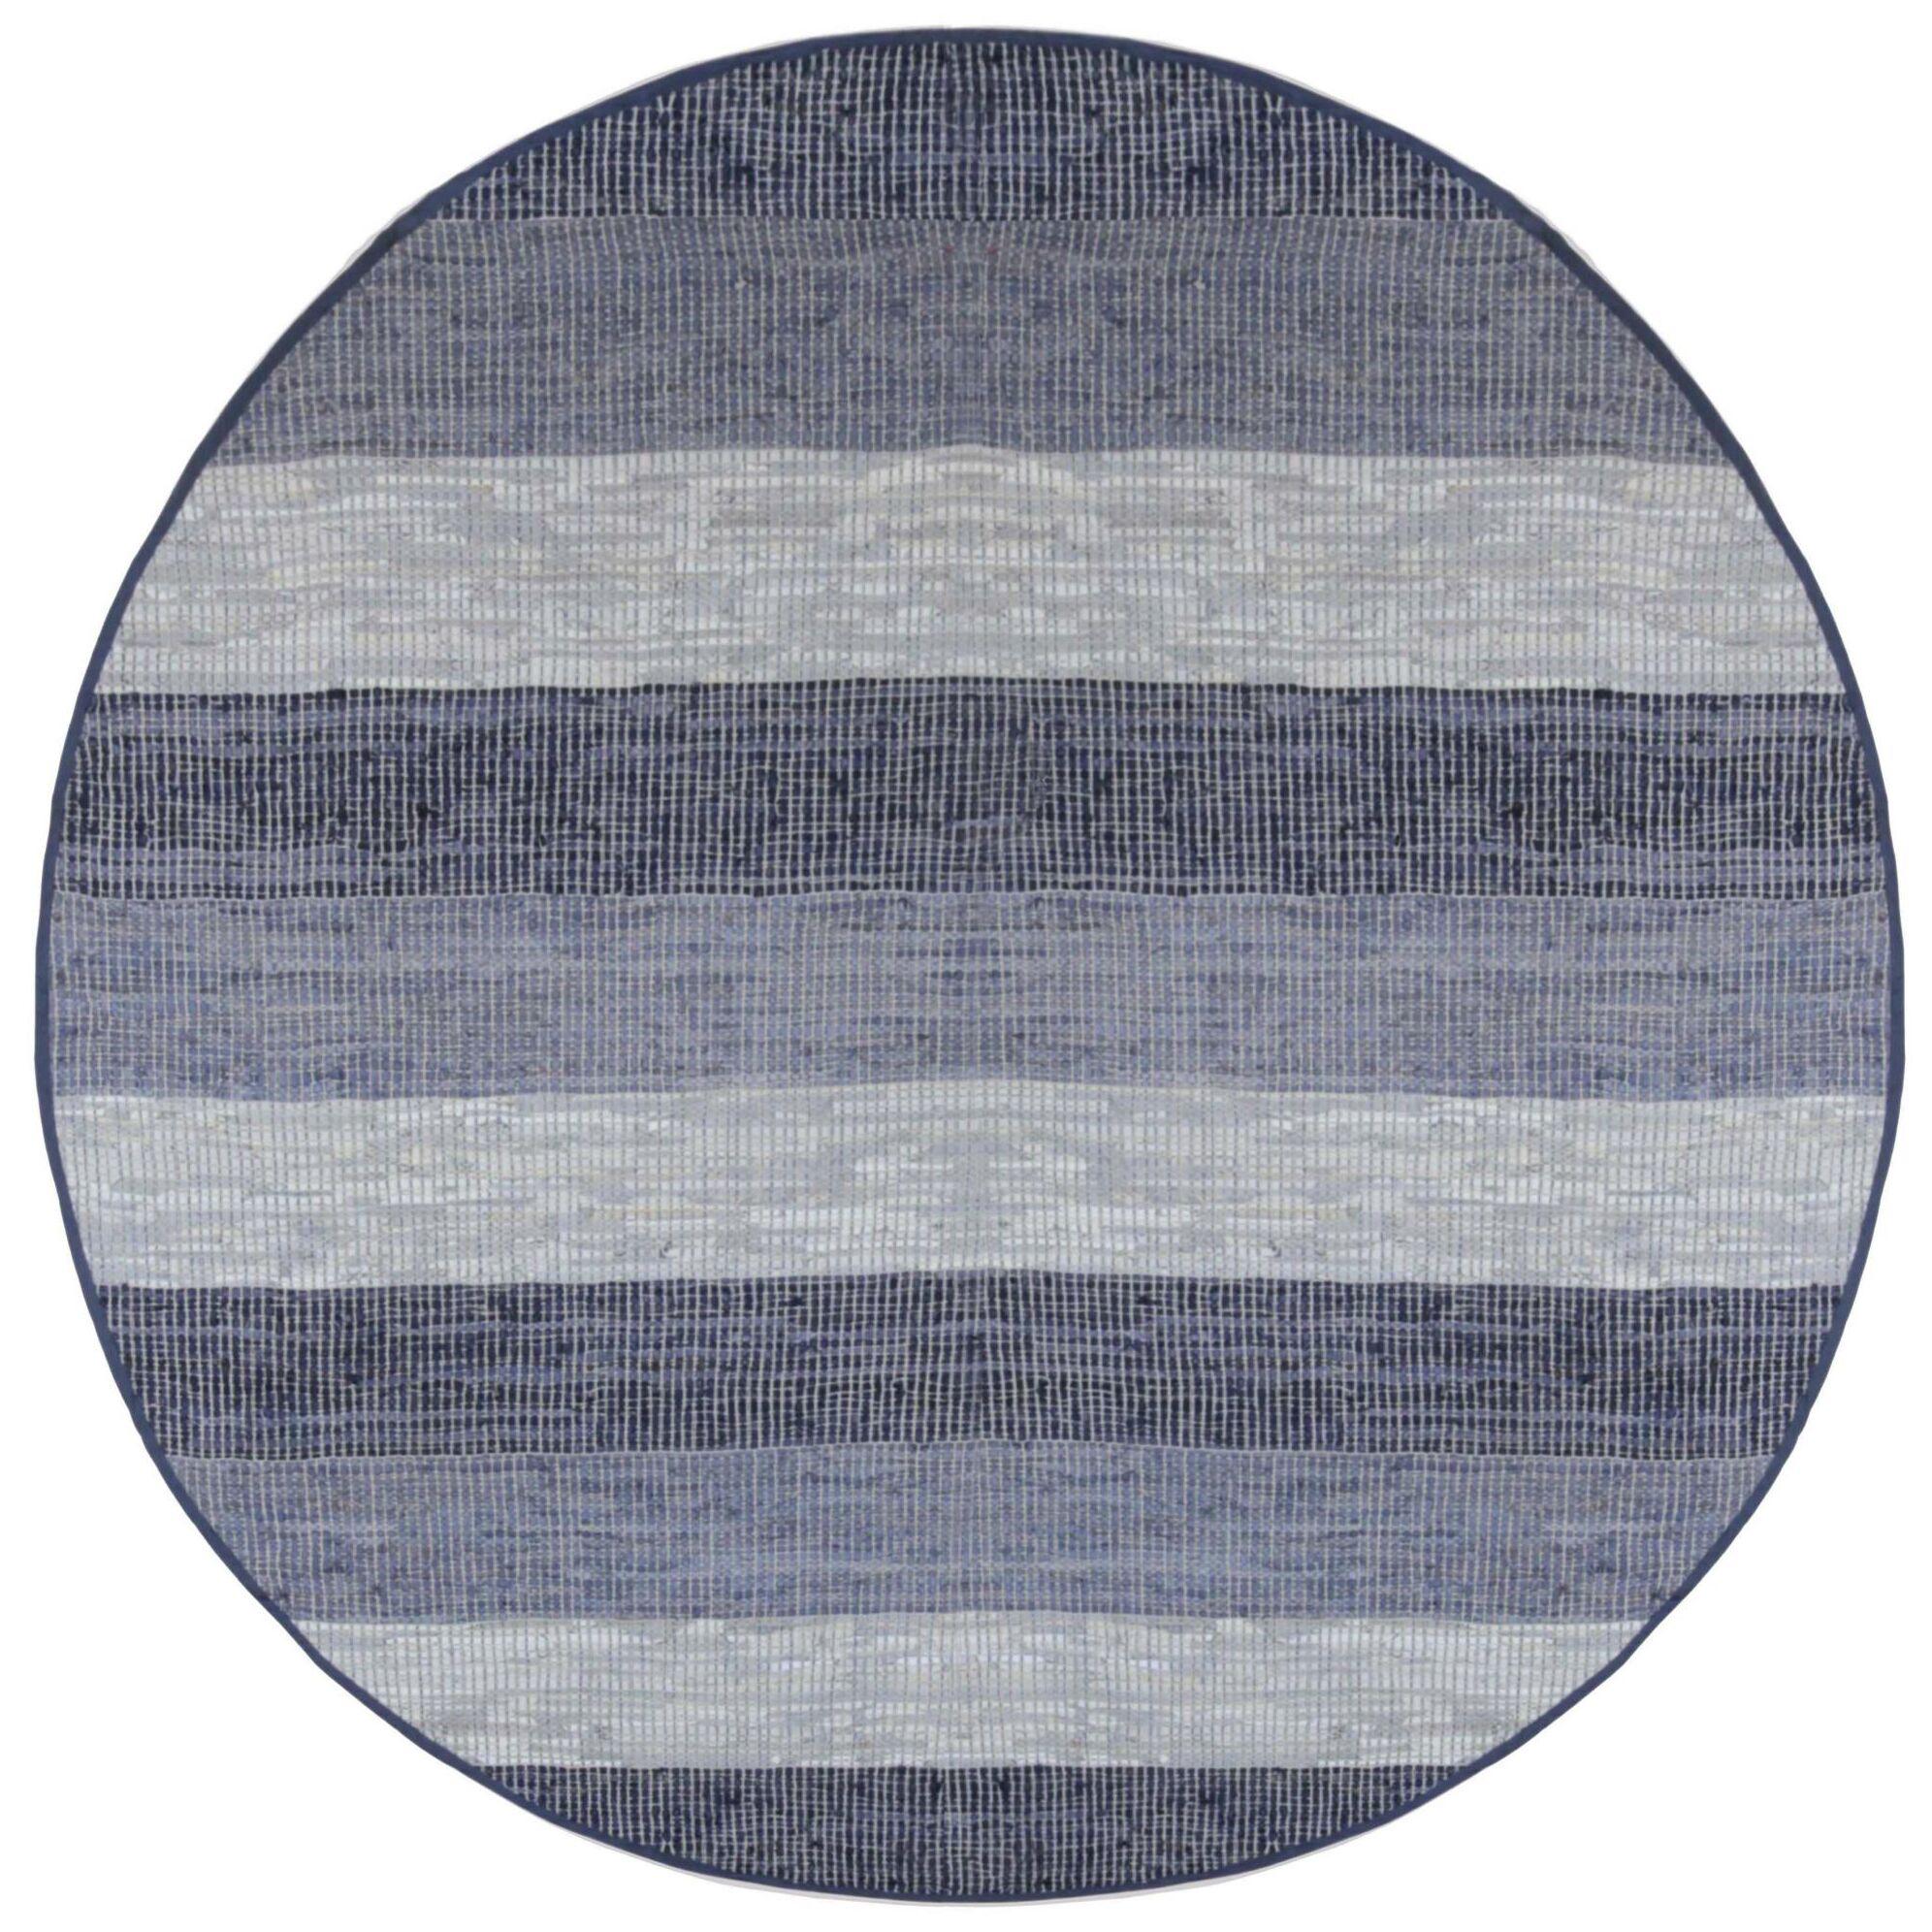 Matador Rug Rug Size: Rectangle 9' x 12'